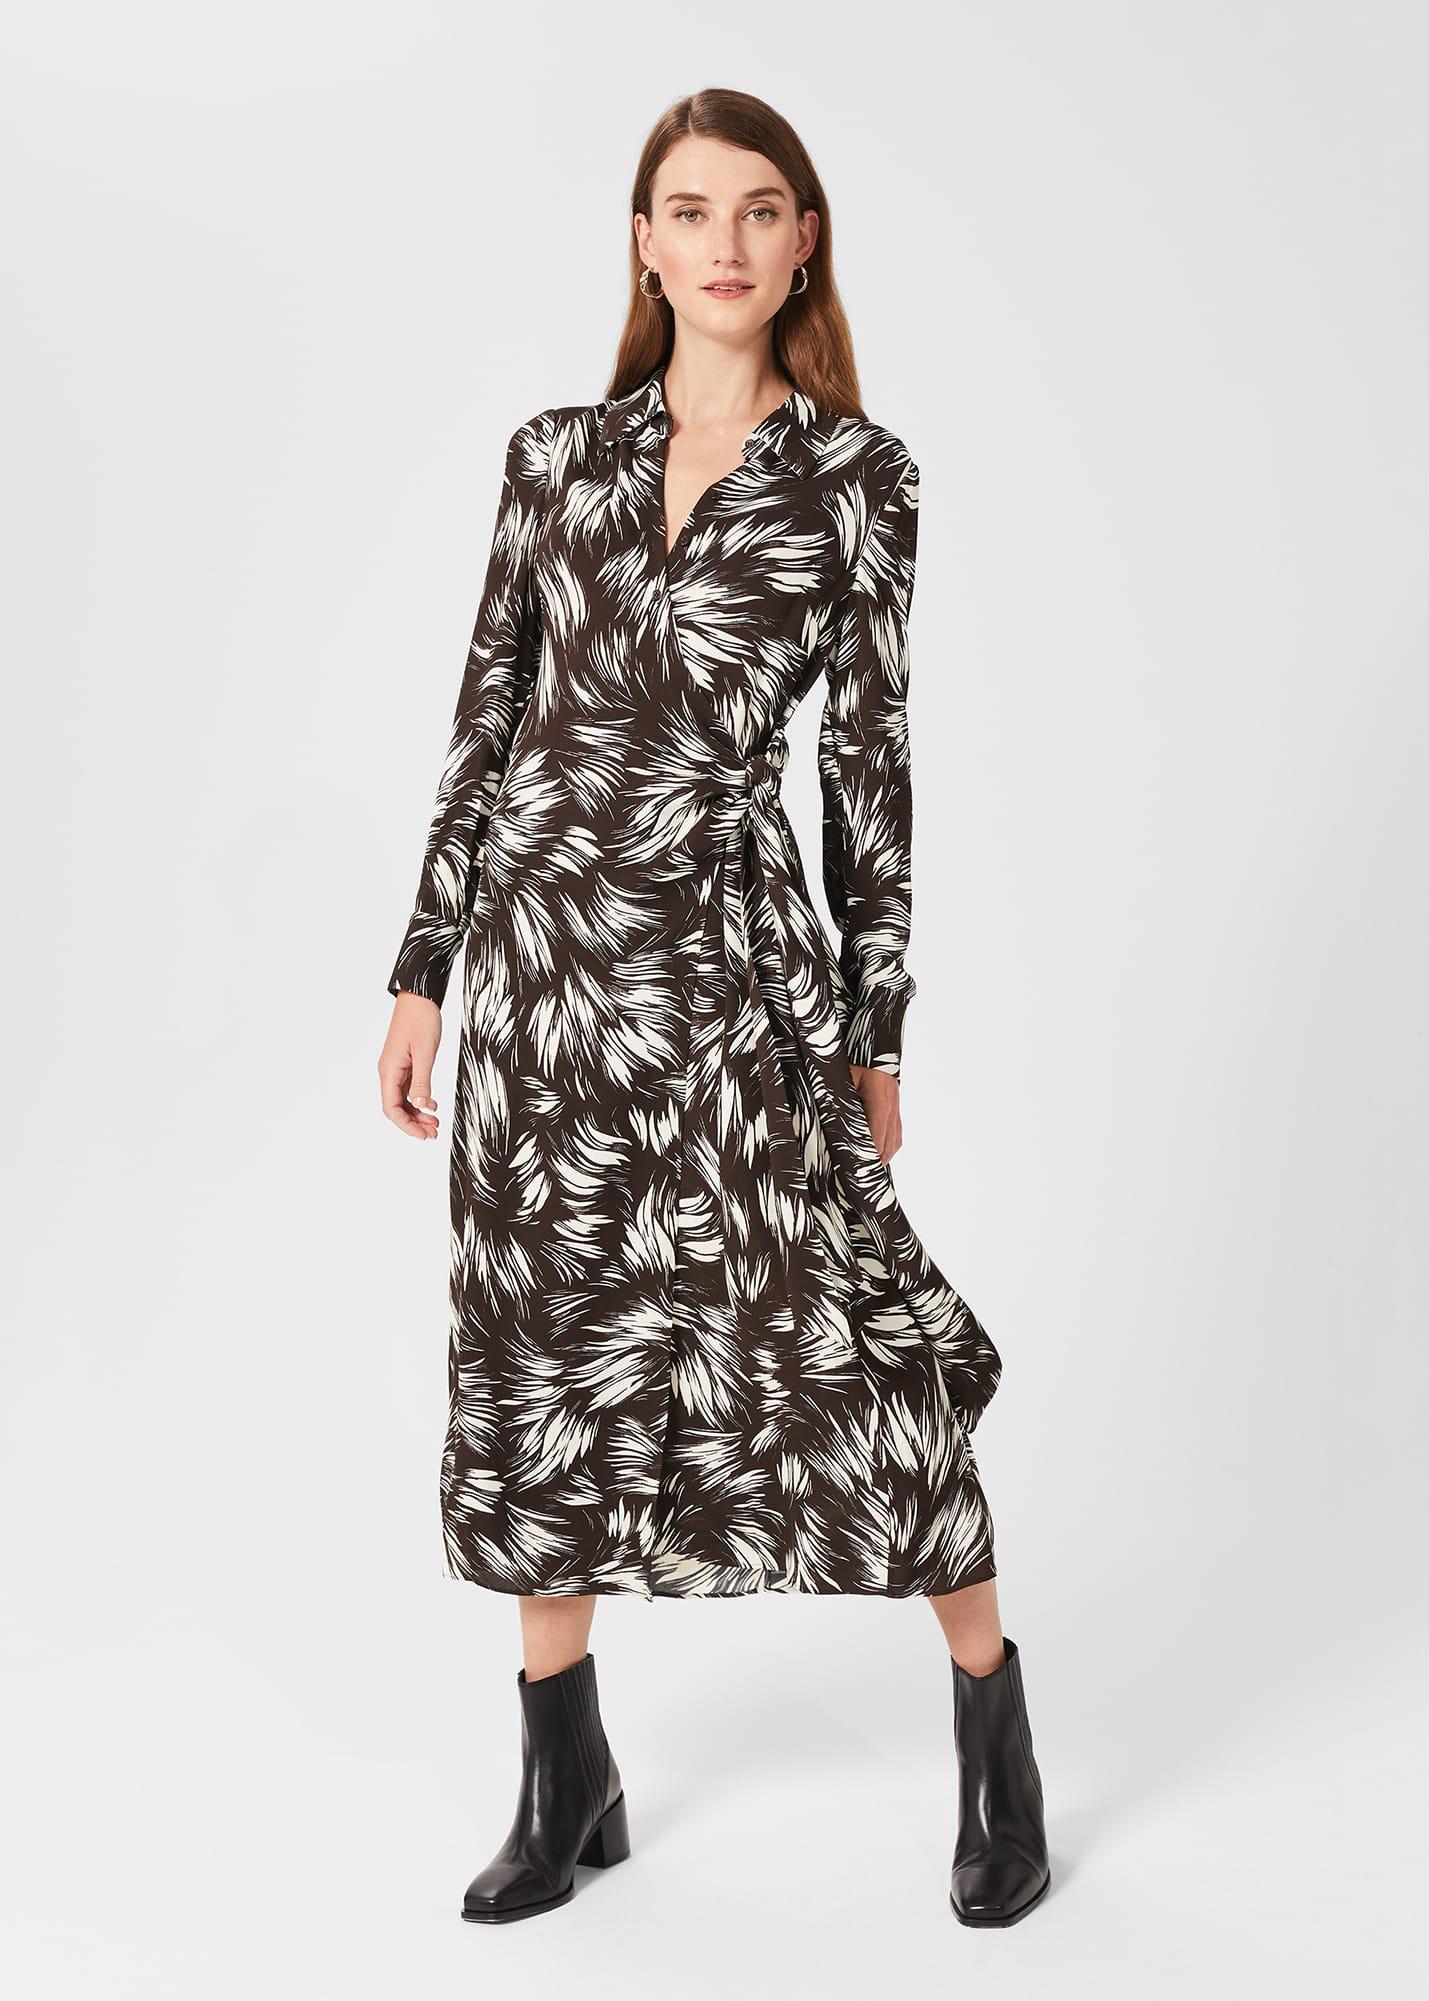 Hobbs Women Nieve Printed Dress